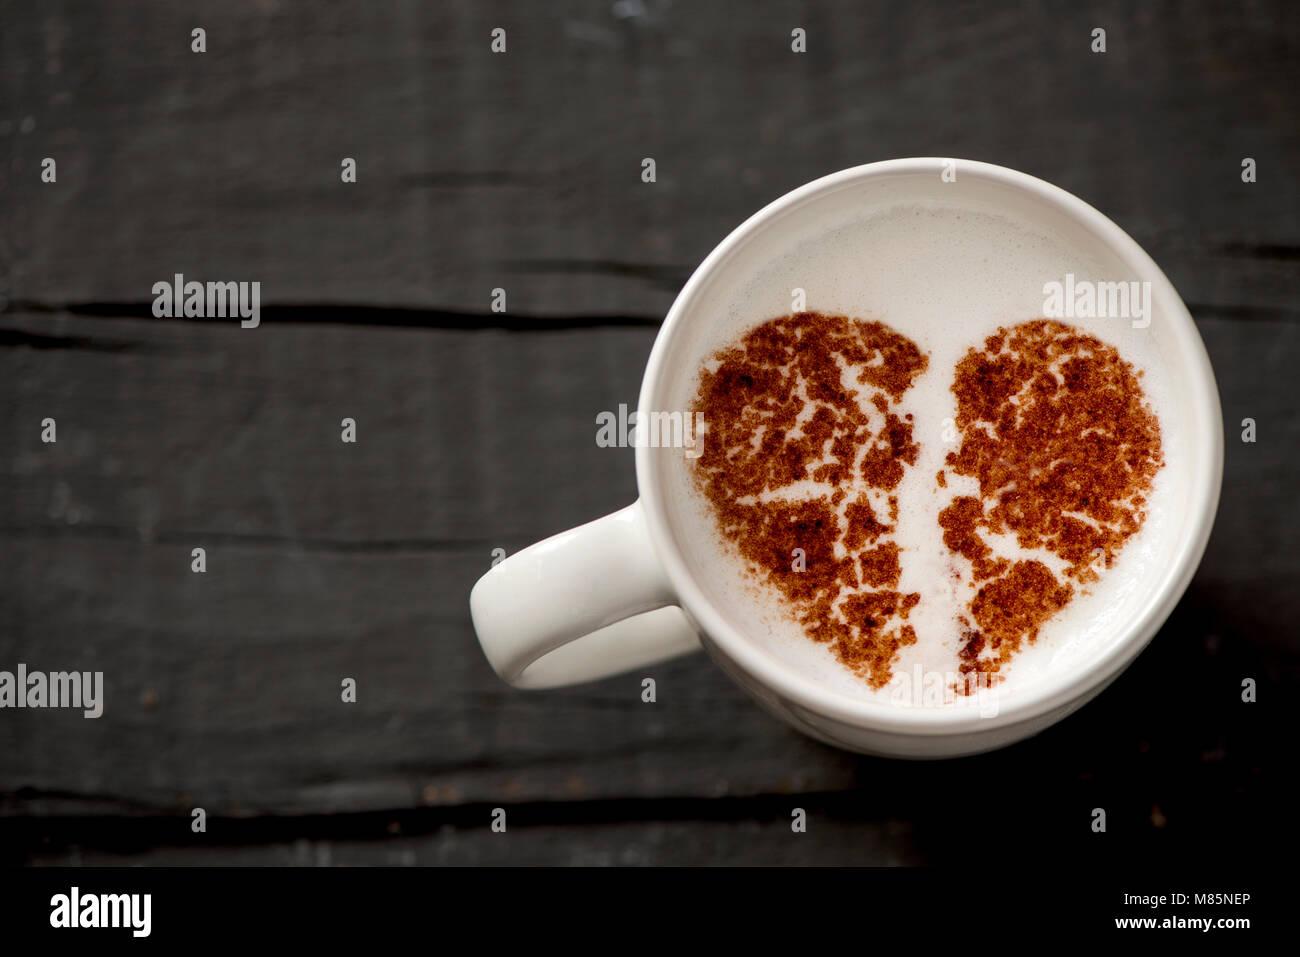 Disparo de alto ángulo de cerámica blanca taza de cappuccino con un corazón roto dibujado con cacao Imagen De Stock